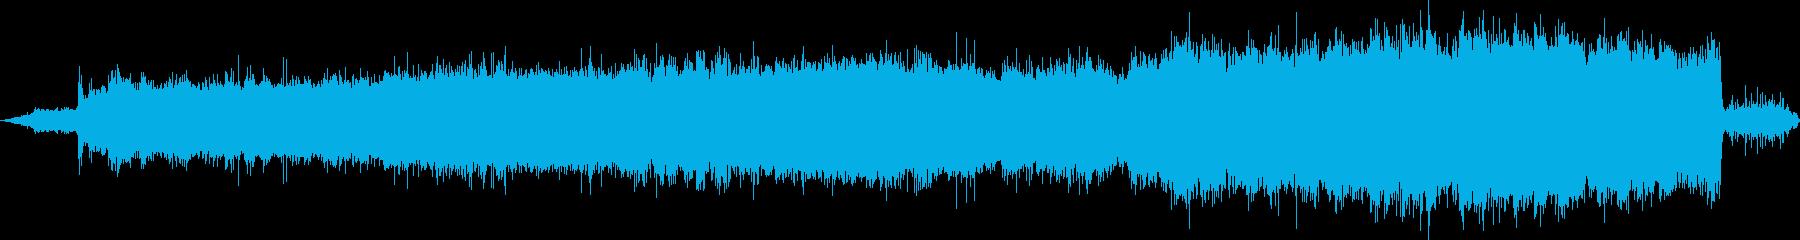 ジャガイモ収穫機:内線:オンボード...の再生済みの波形